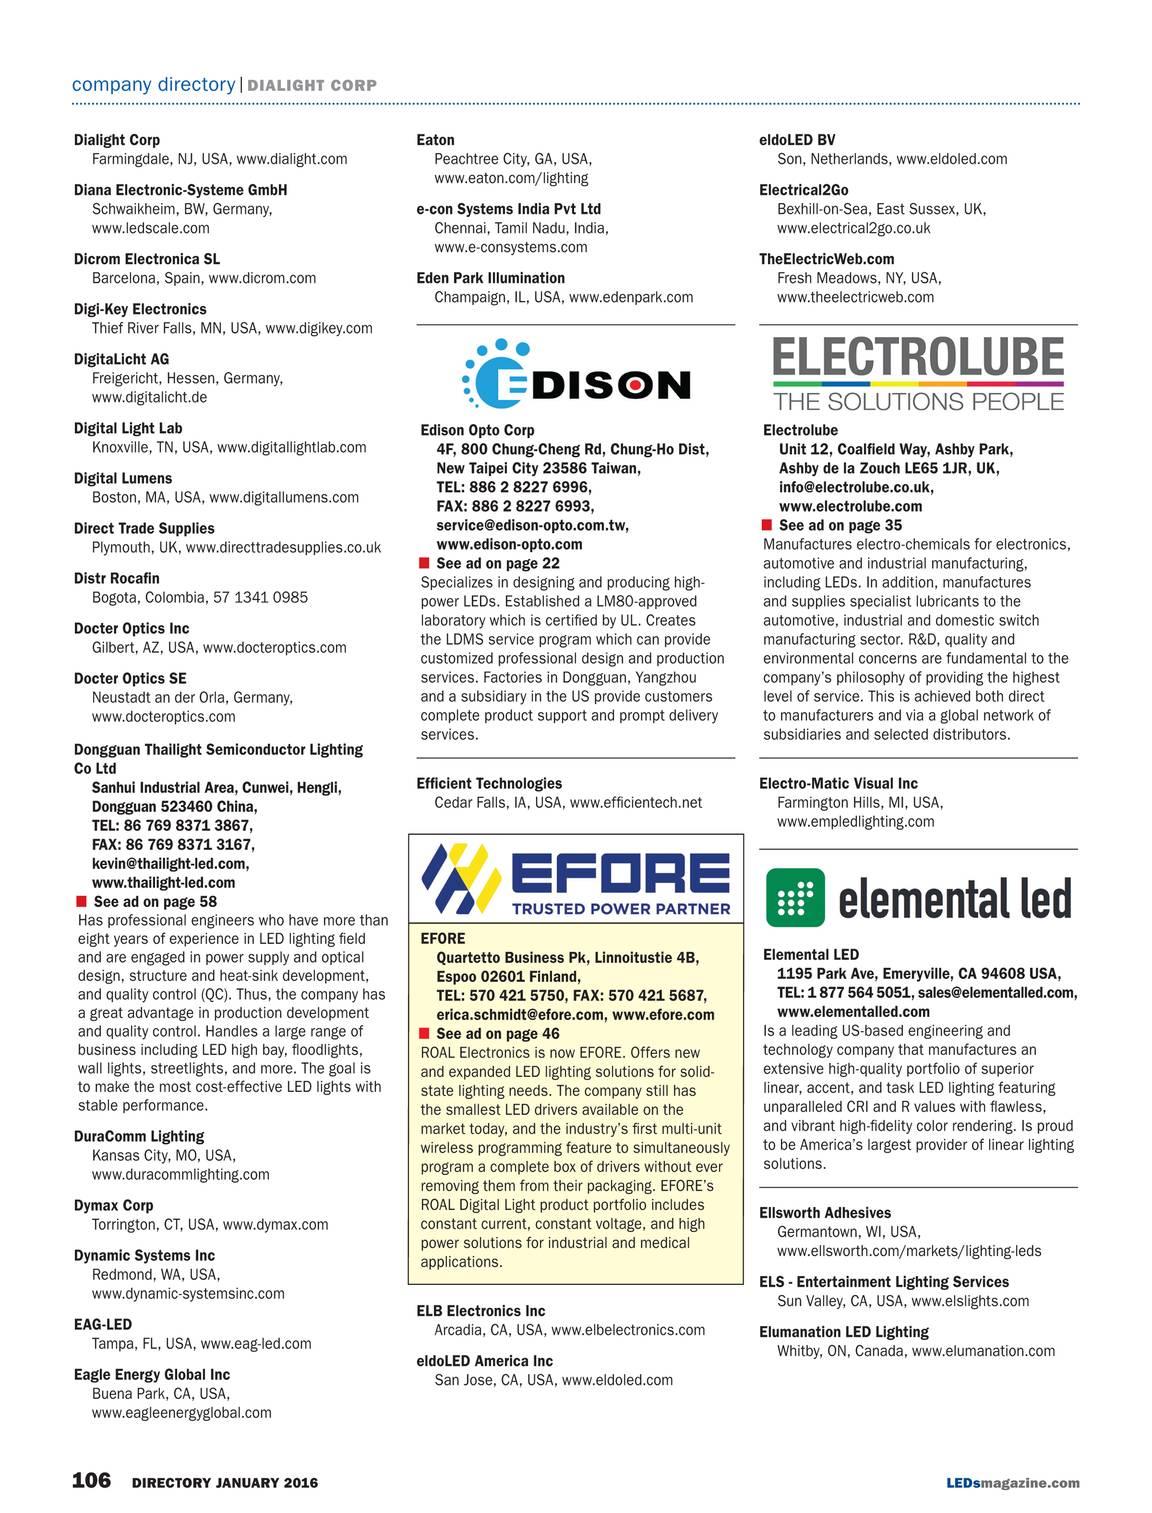 LEDs Magazine - January 2016 - page 107